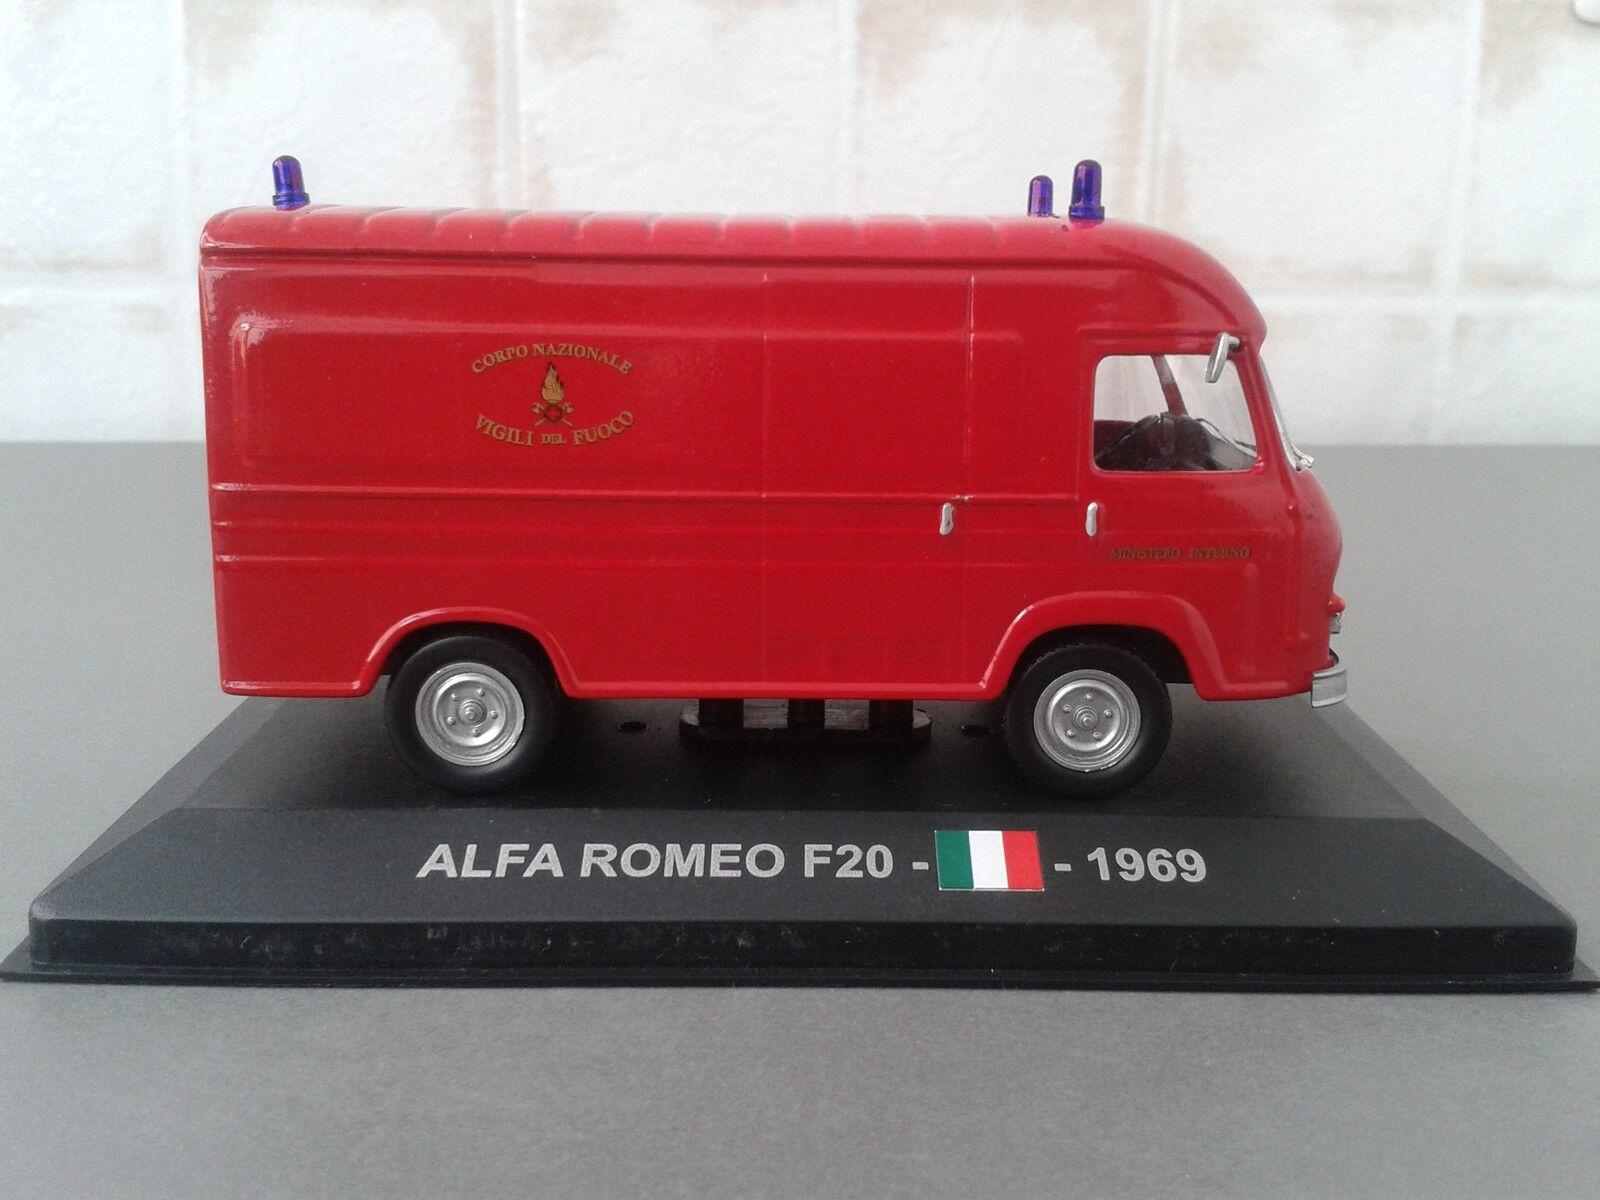 VIGILI DEL FUOCO -POMPIERI -FIRE ENGINE- ALFA ROMEO F20 FURGONE 1/43 -